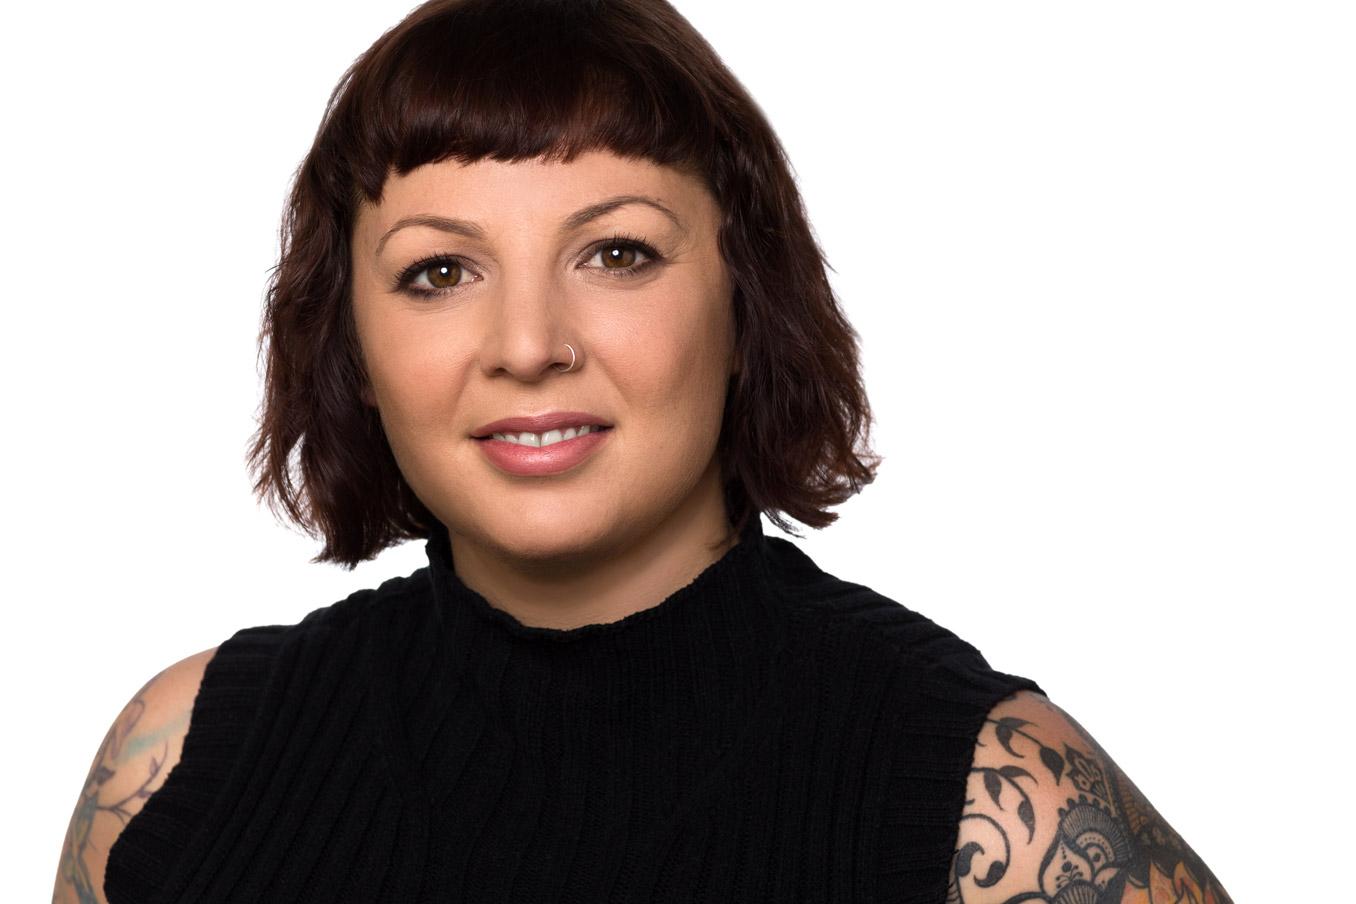 Headshot of makeup artist